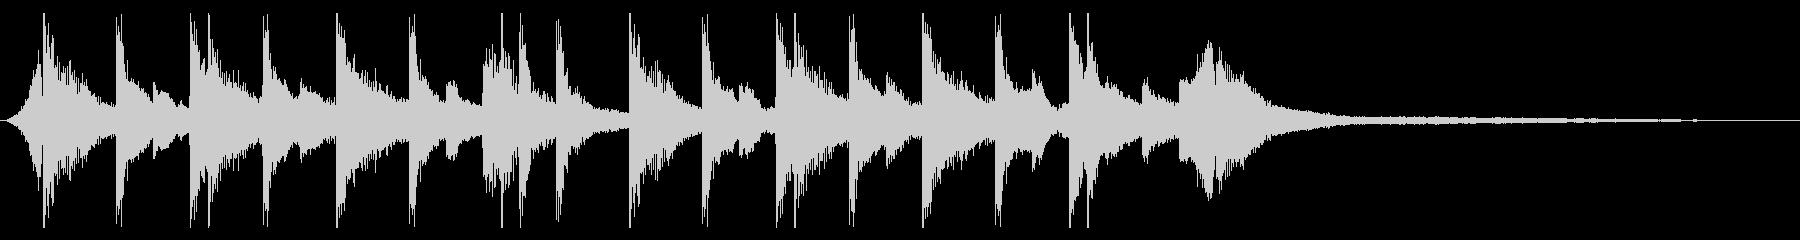 切ないきらきらピアノジングル②の未再生の波形